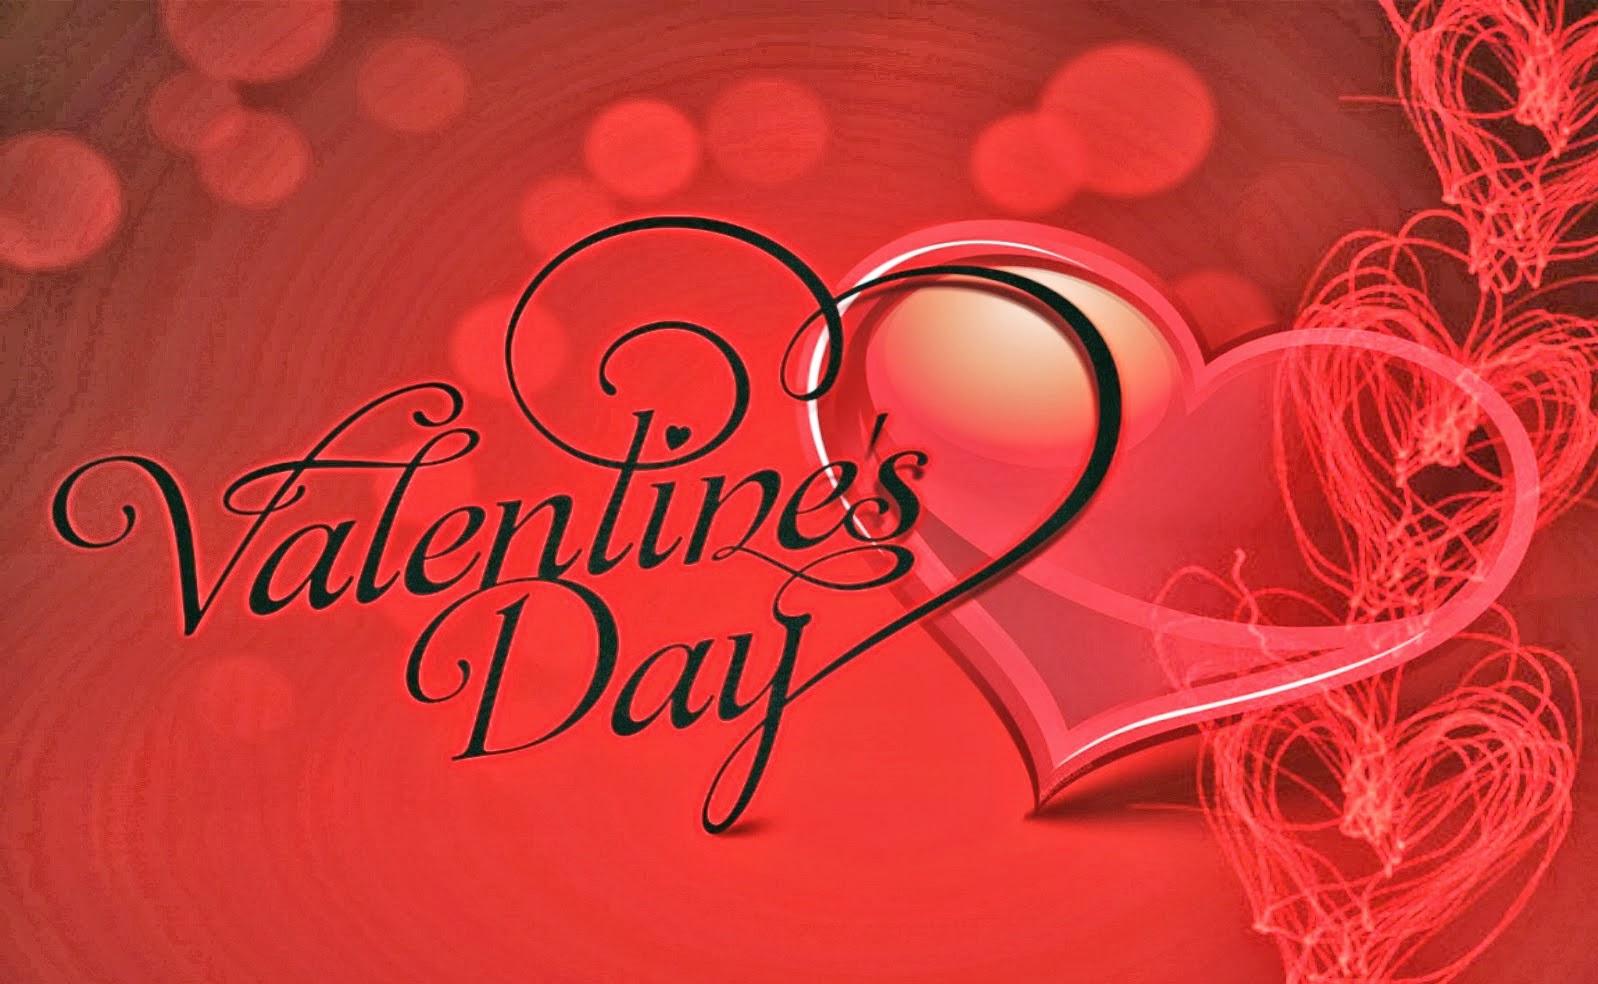 San-Valentine-Images-en-Ingles